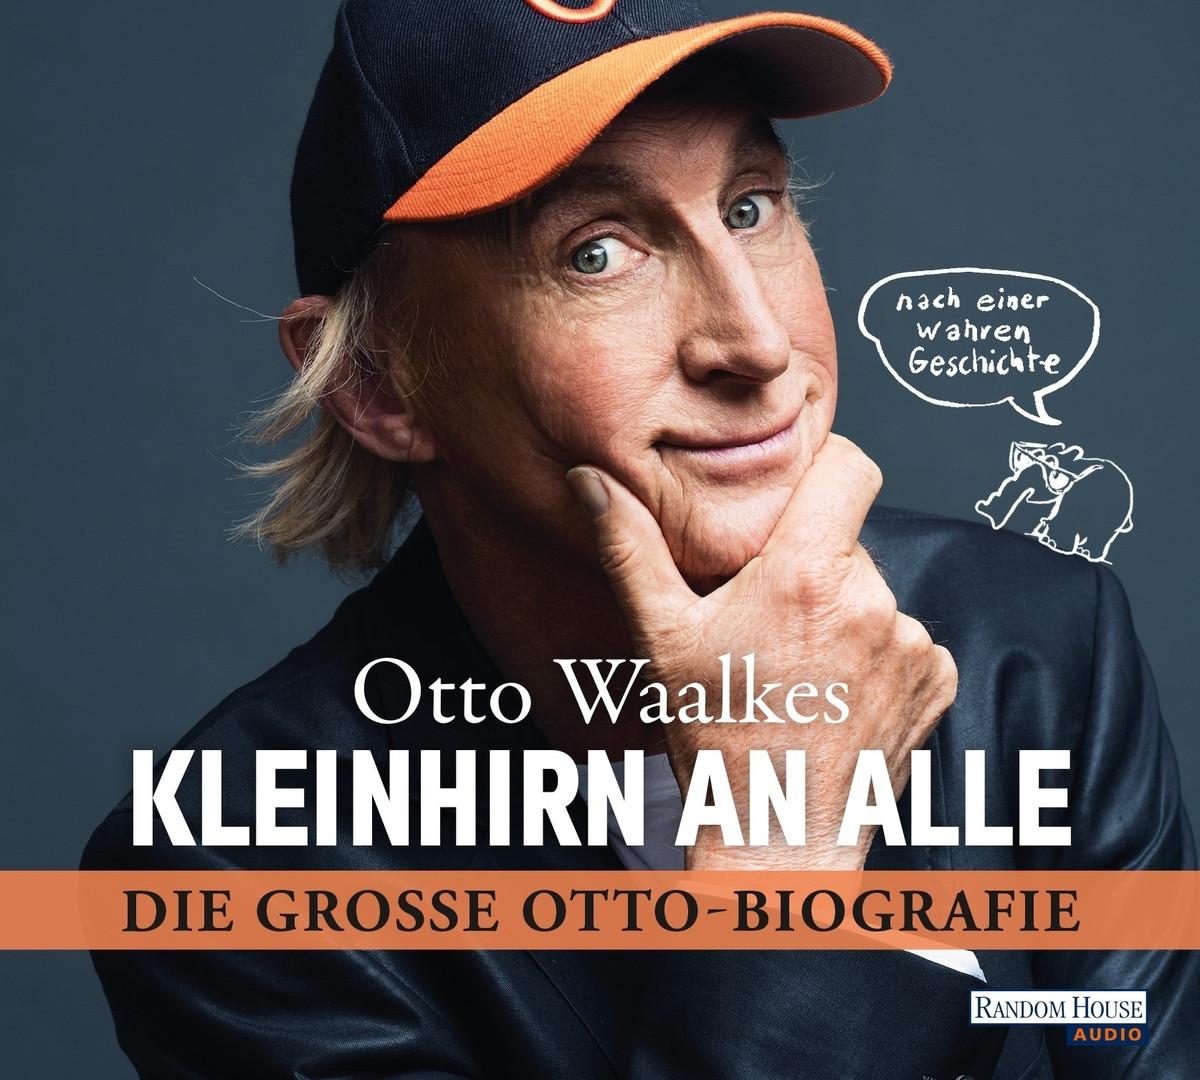 Otto Waalkes - Kleinhirn an alle: Die große Ottobiografie